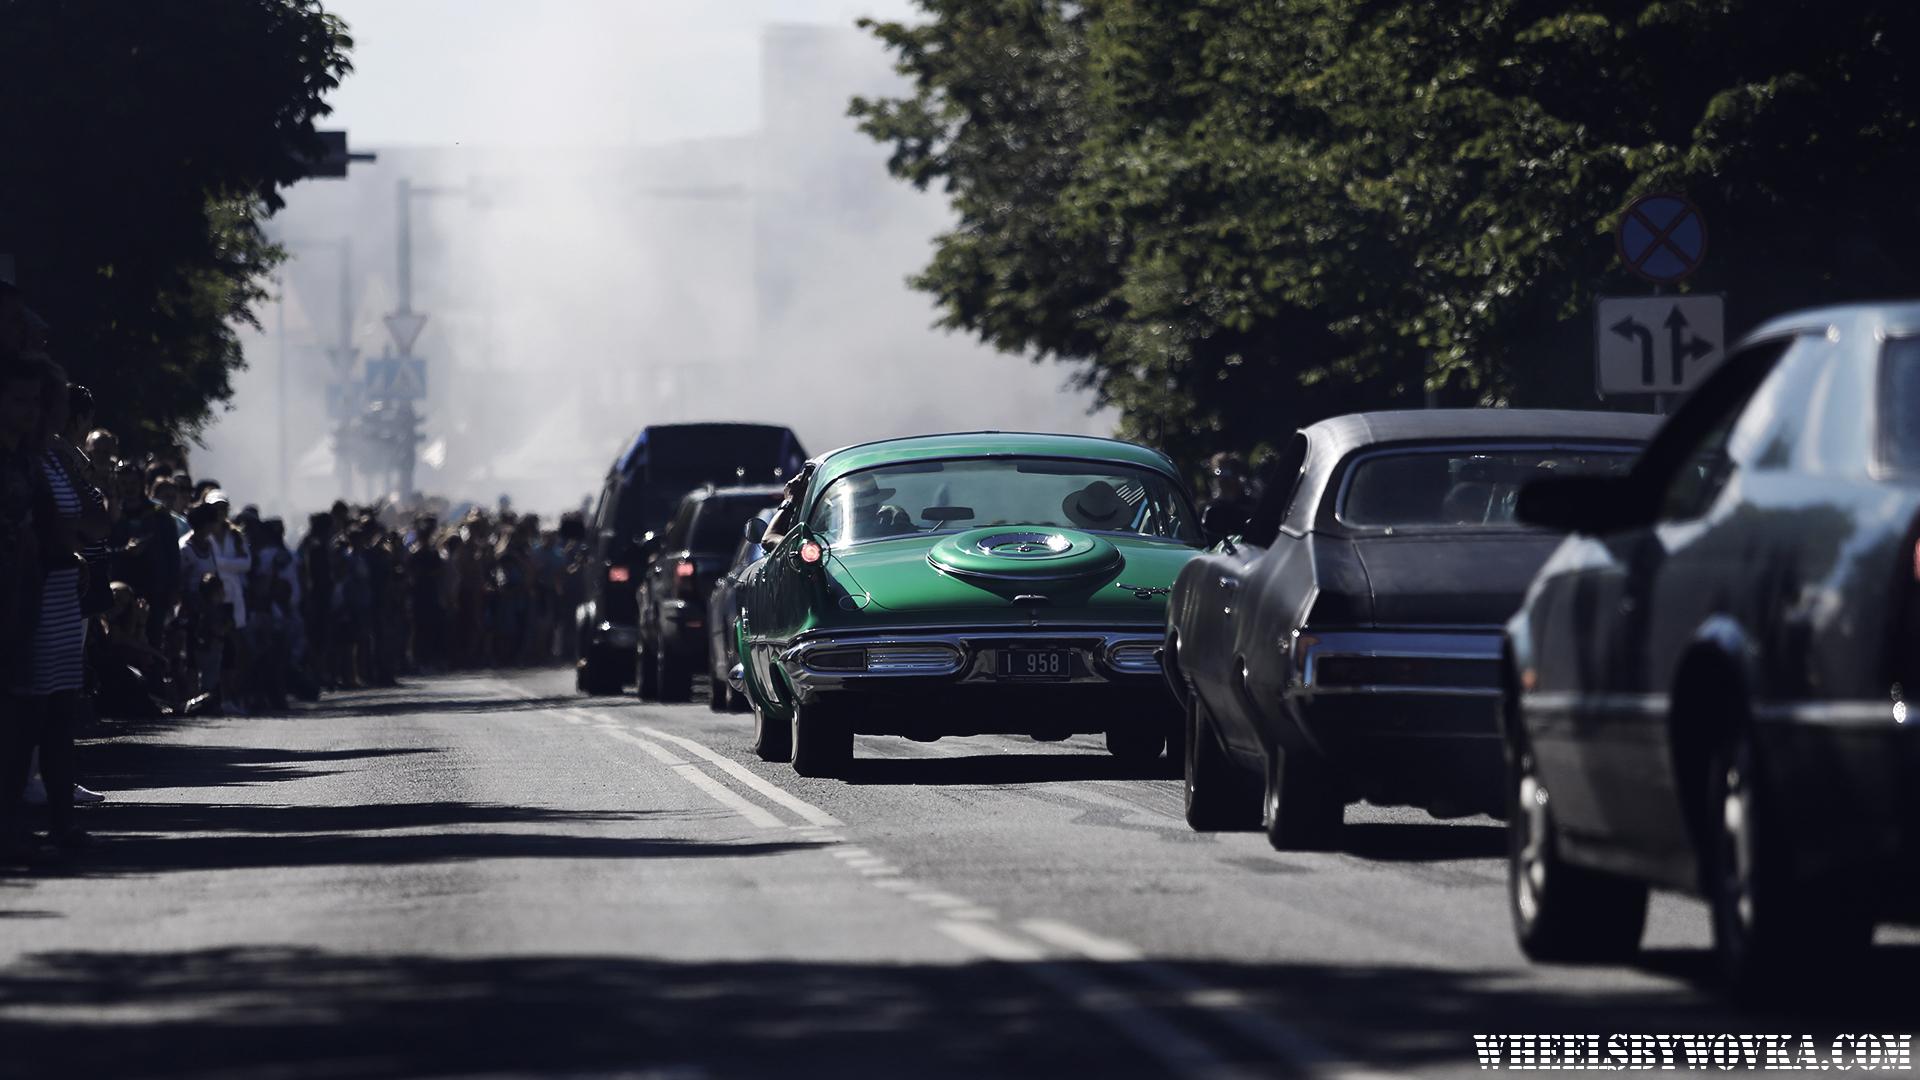 american-beauty-car-show-haapsalu-2017-by-wheelsbywovka-13